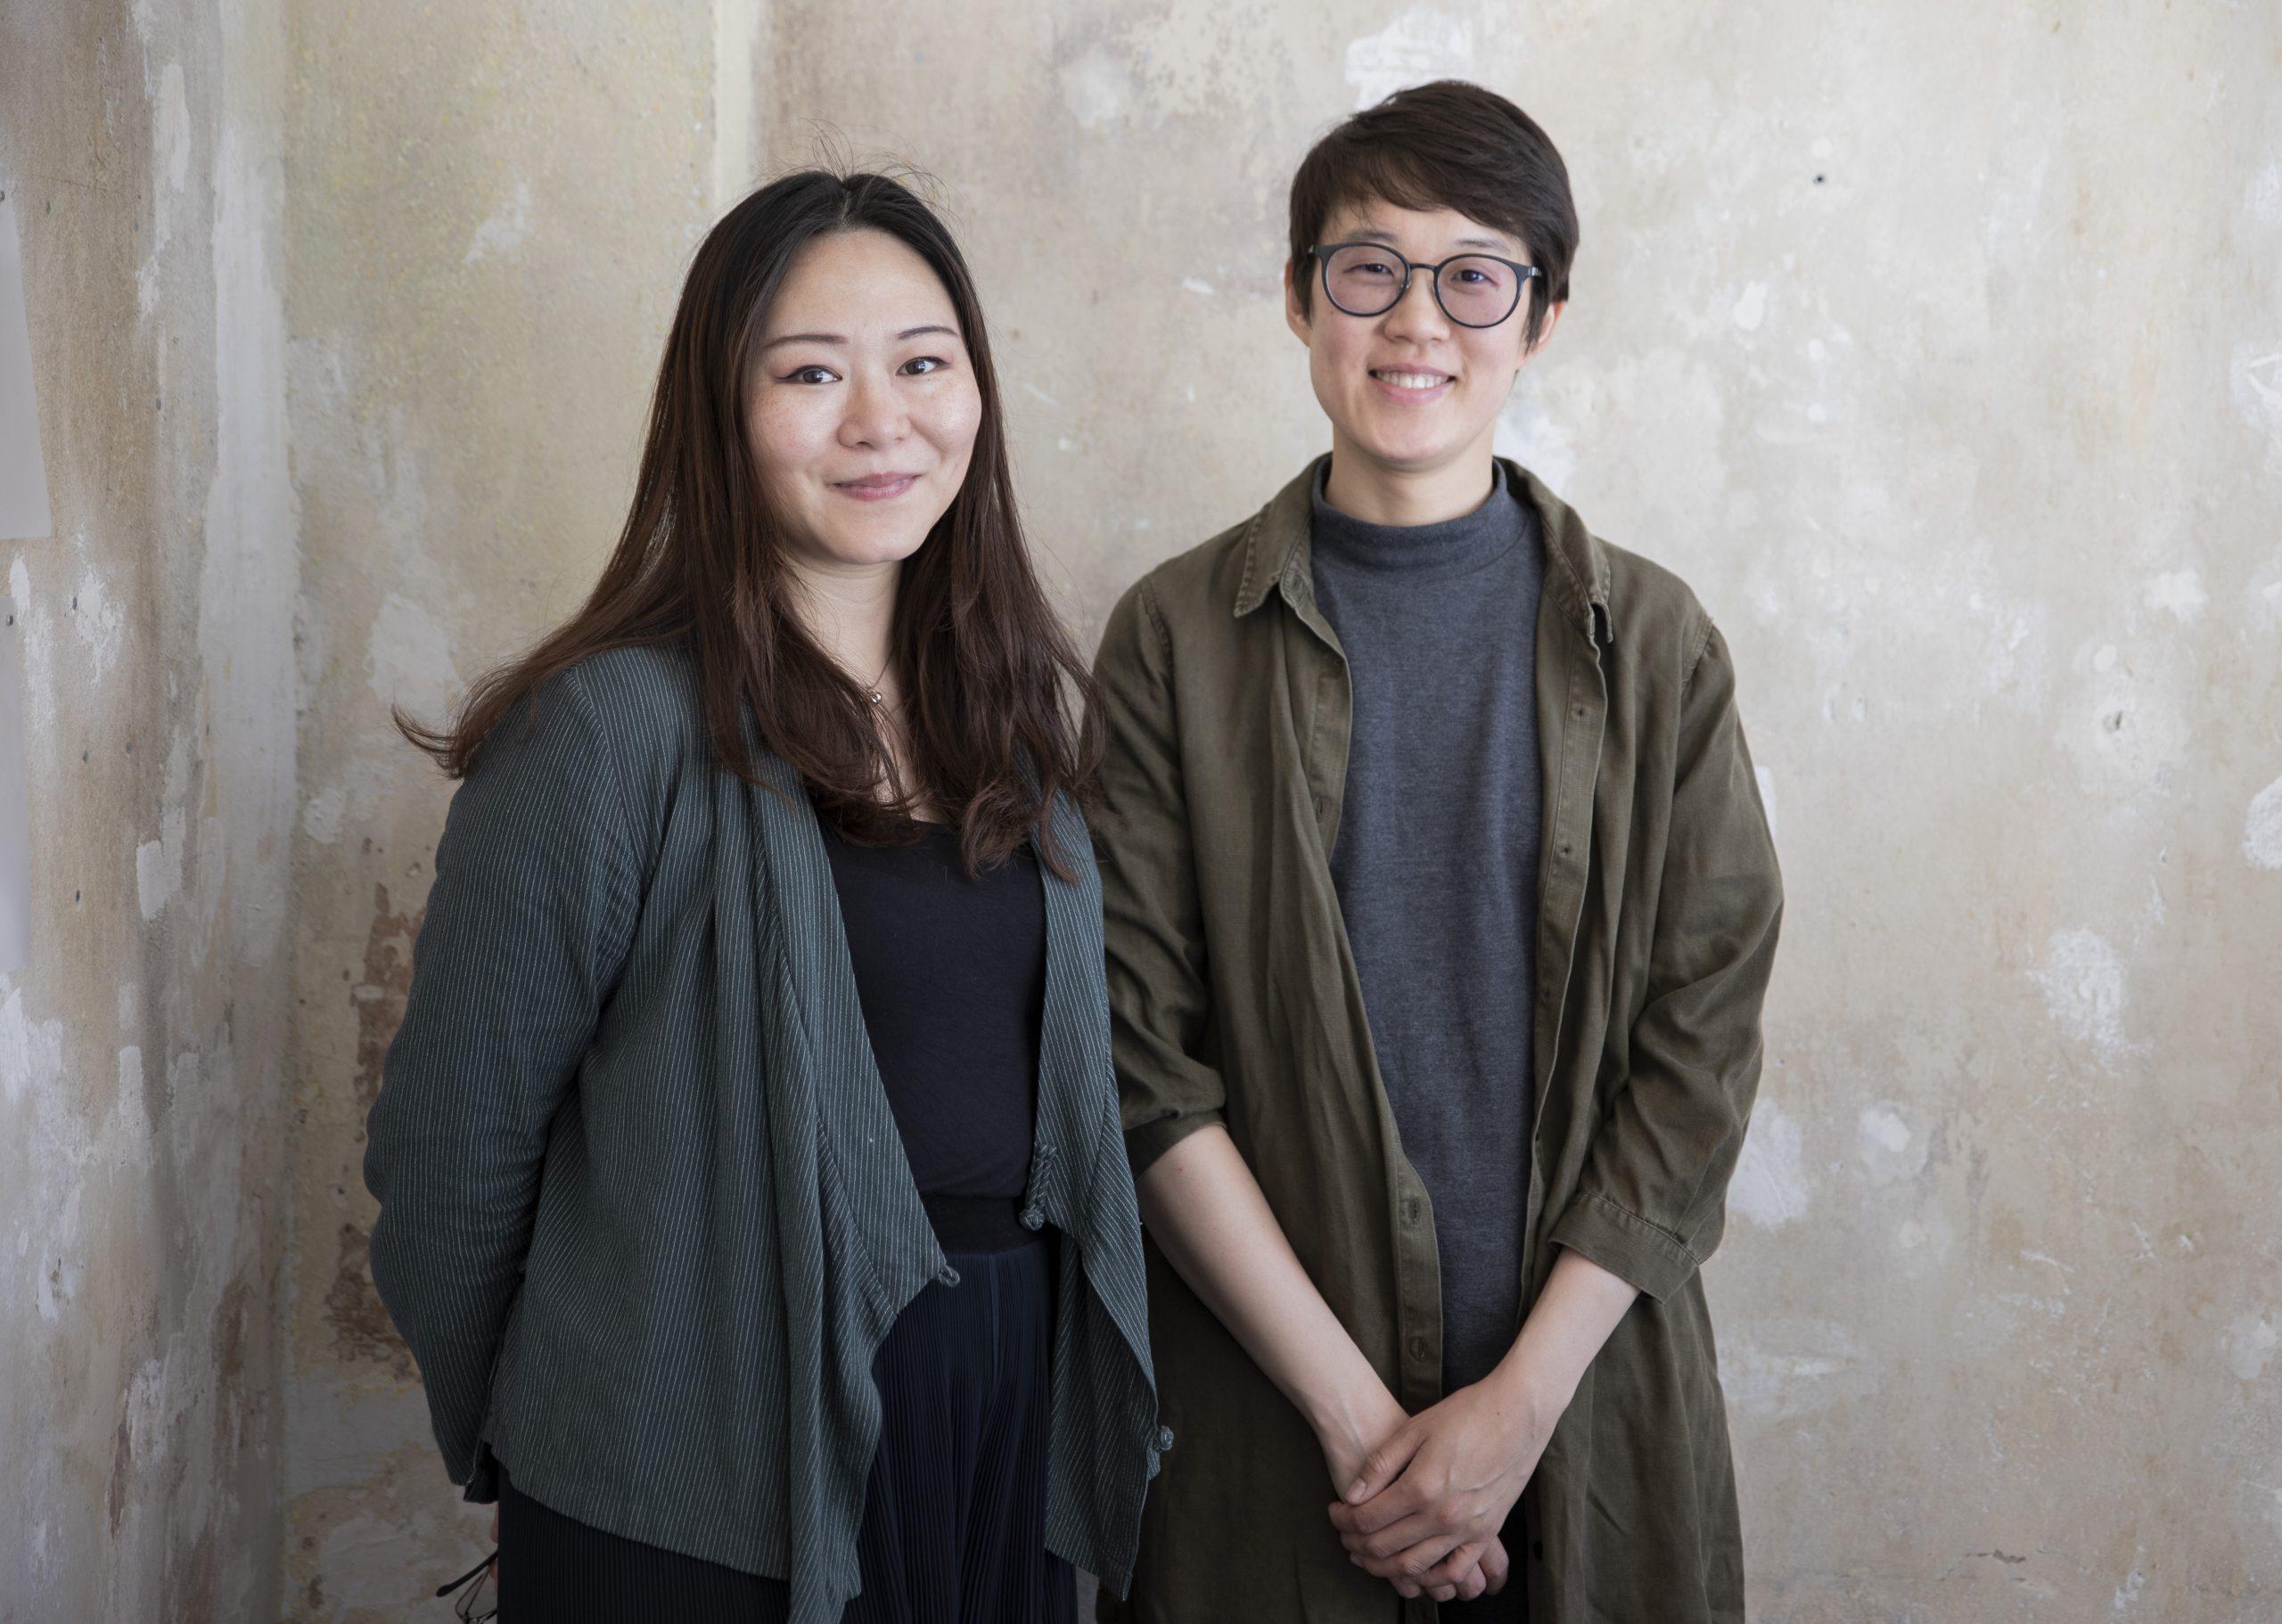 Shi Shi und Ying-Chih Chen